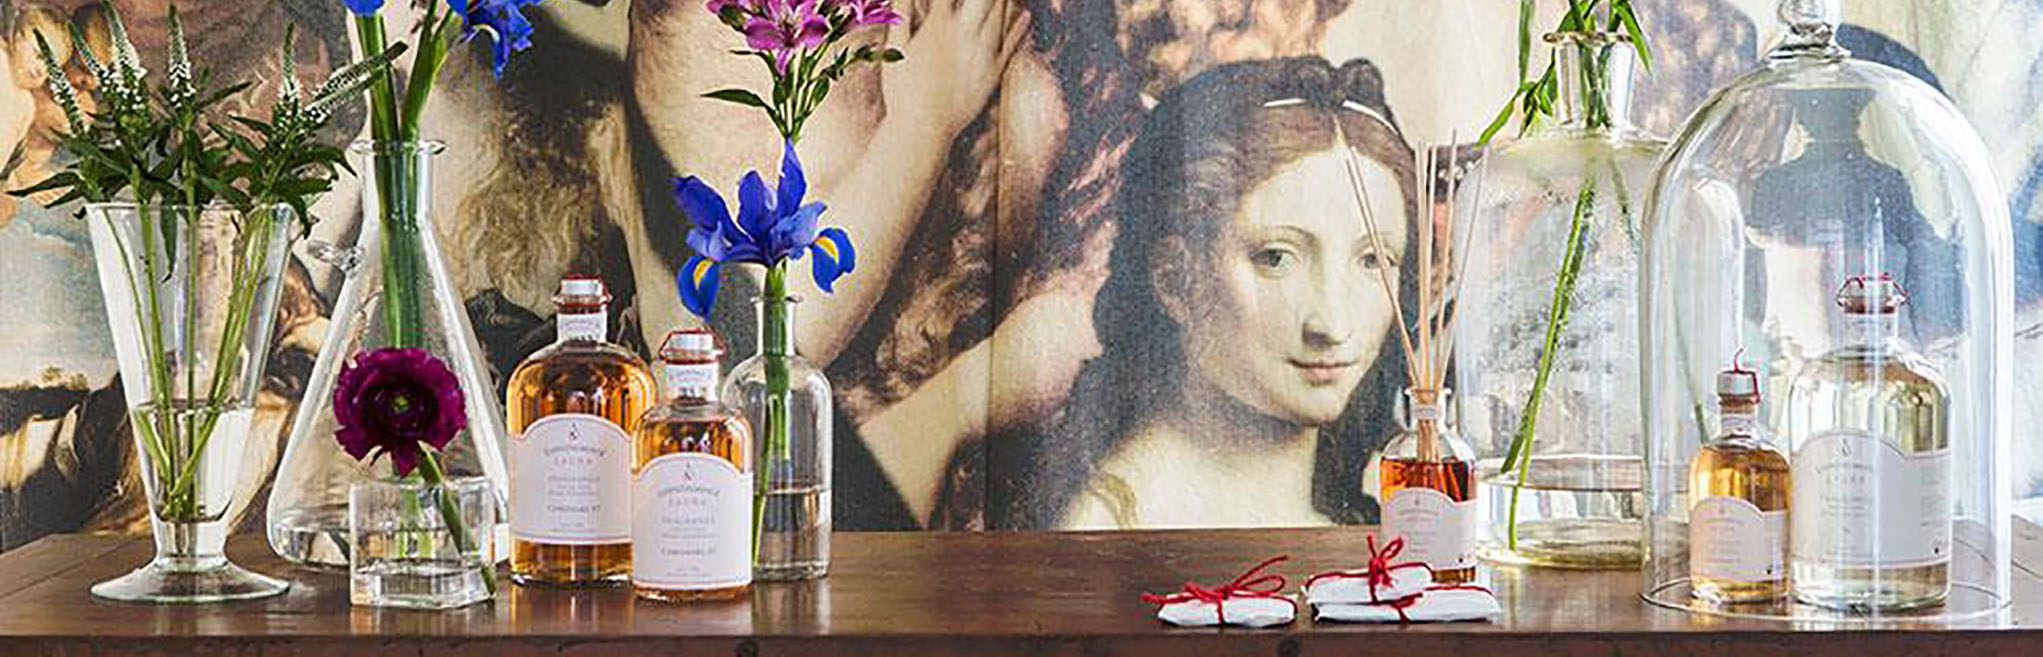 LVMH, i Belmond hotels indossano le fragranze di Laura Boselli Tonatto